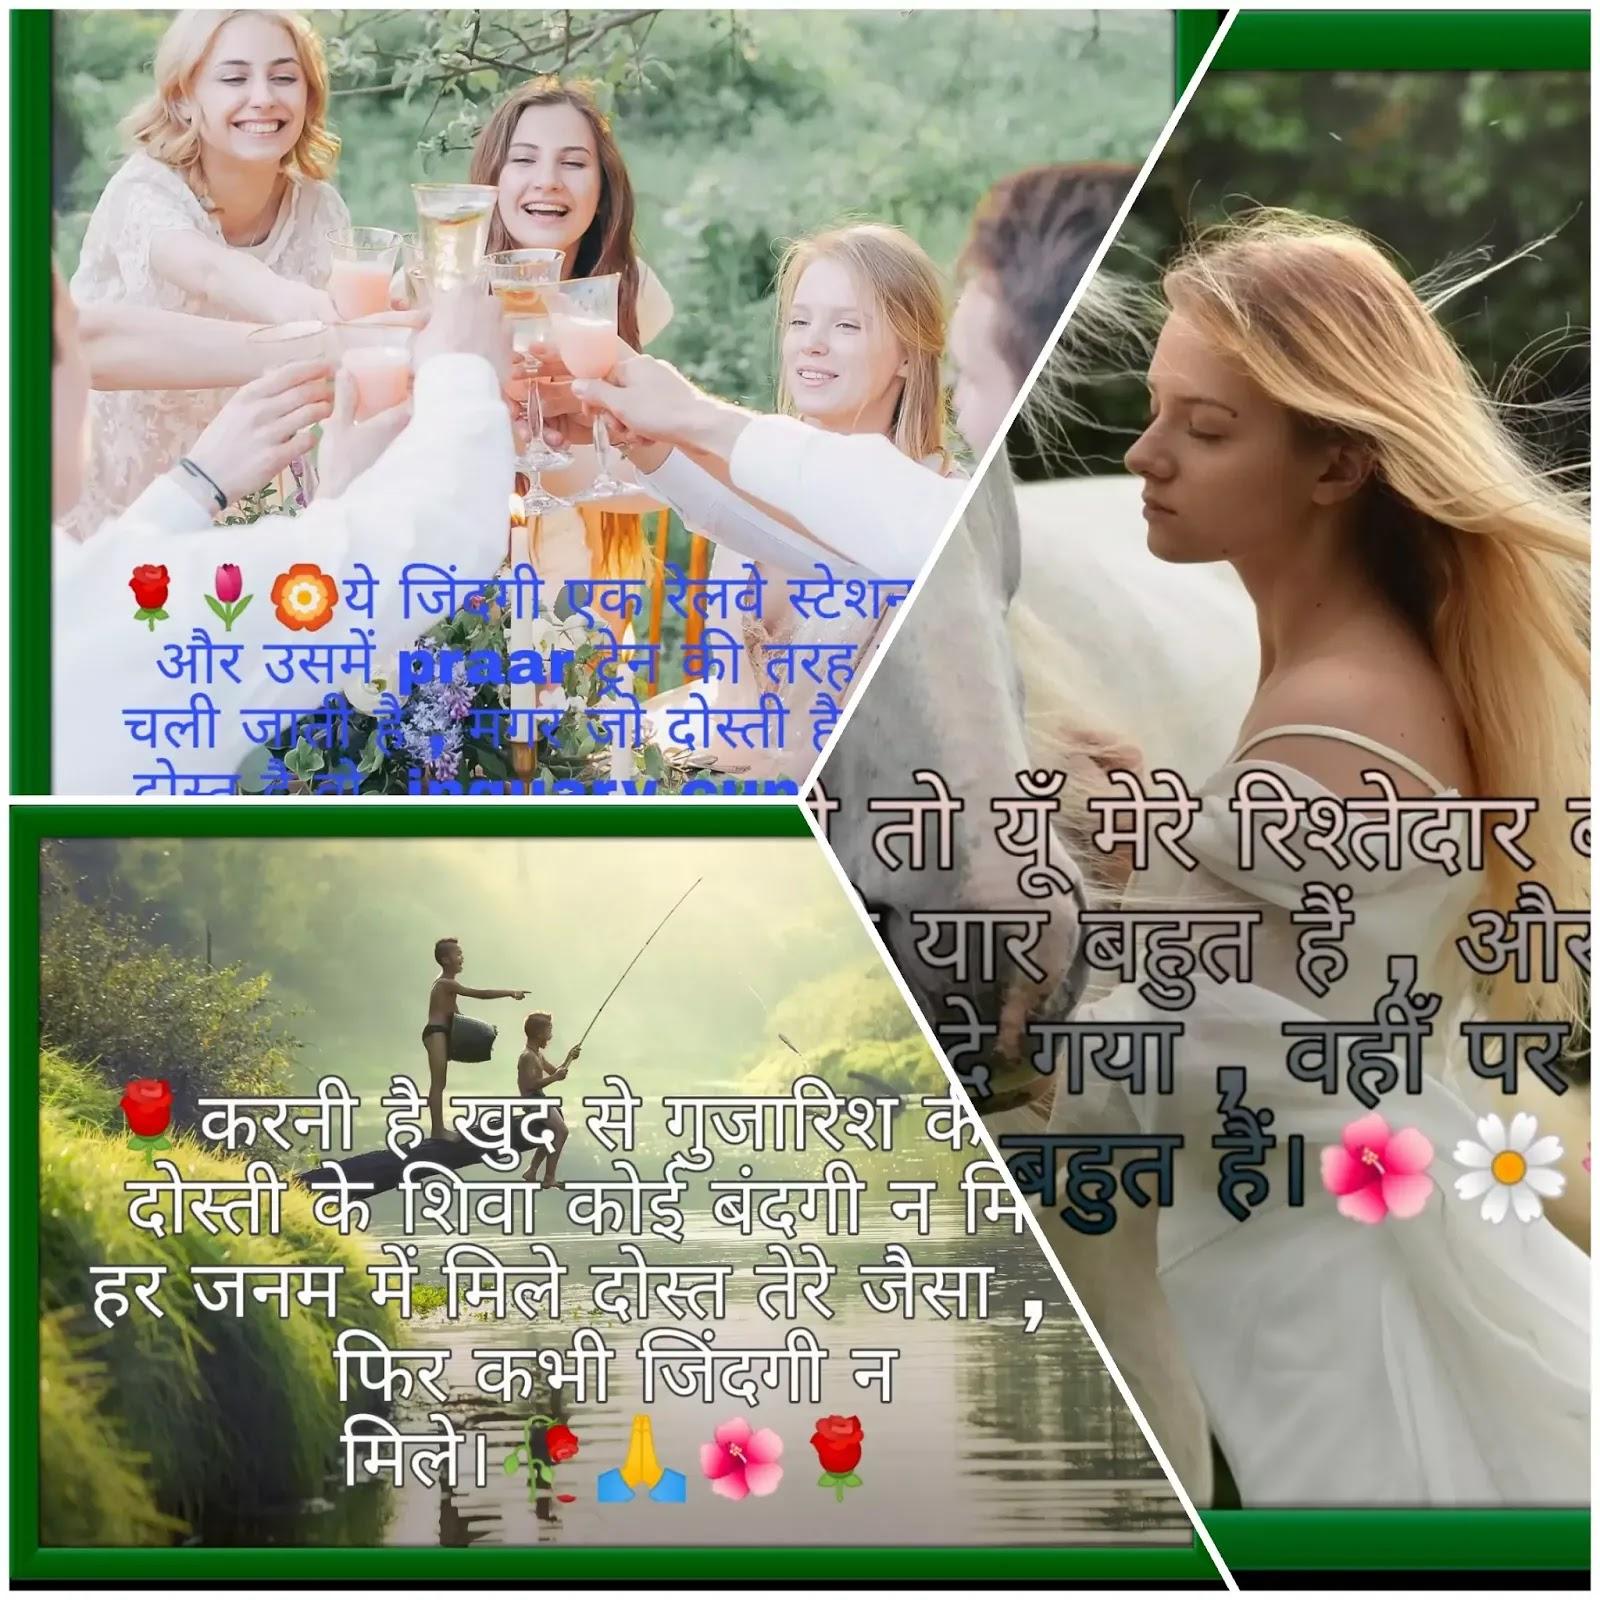 Dosti Shayari Image, 50 + Hindi friendship quotes 2021